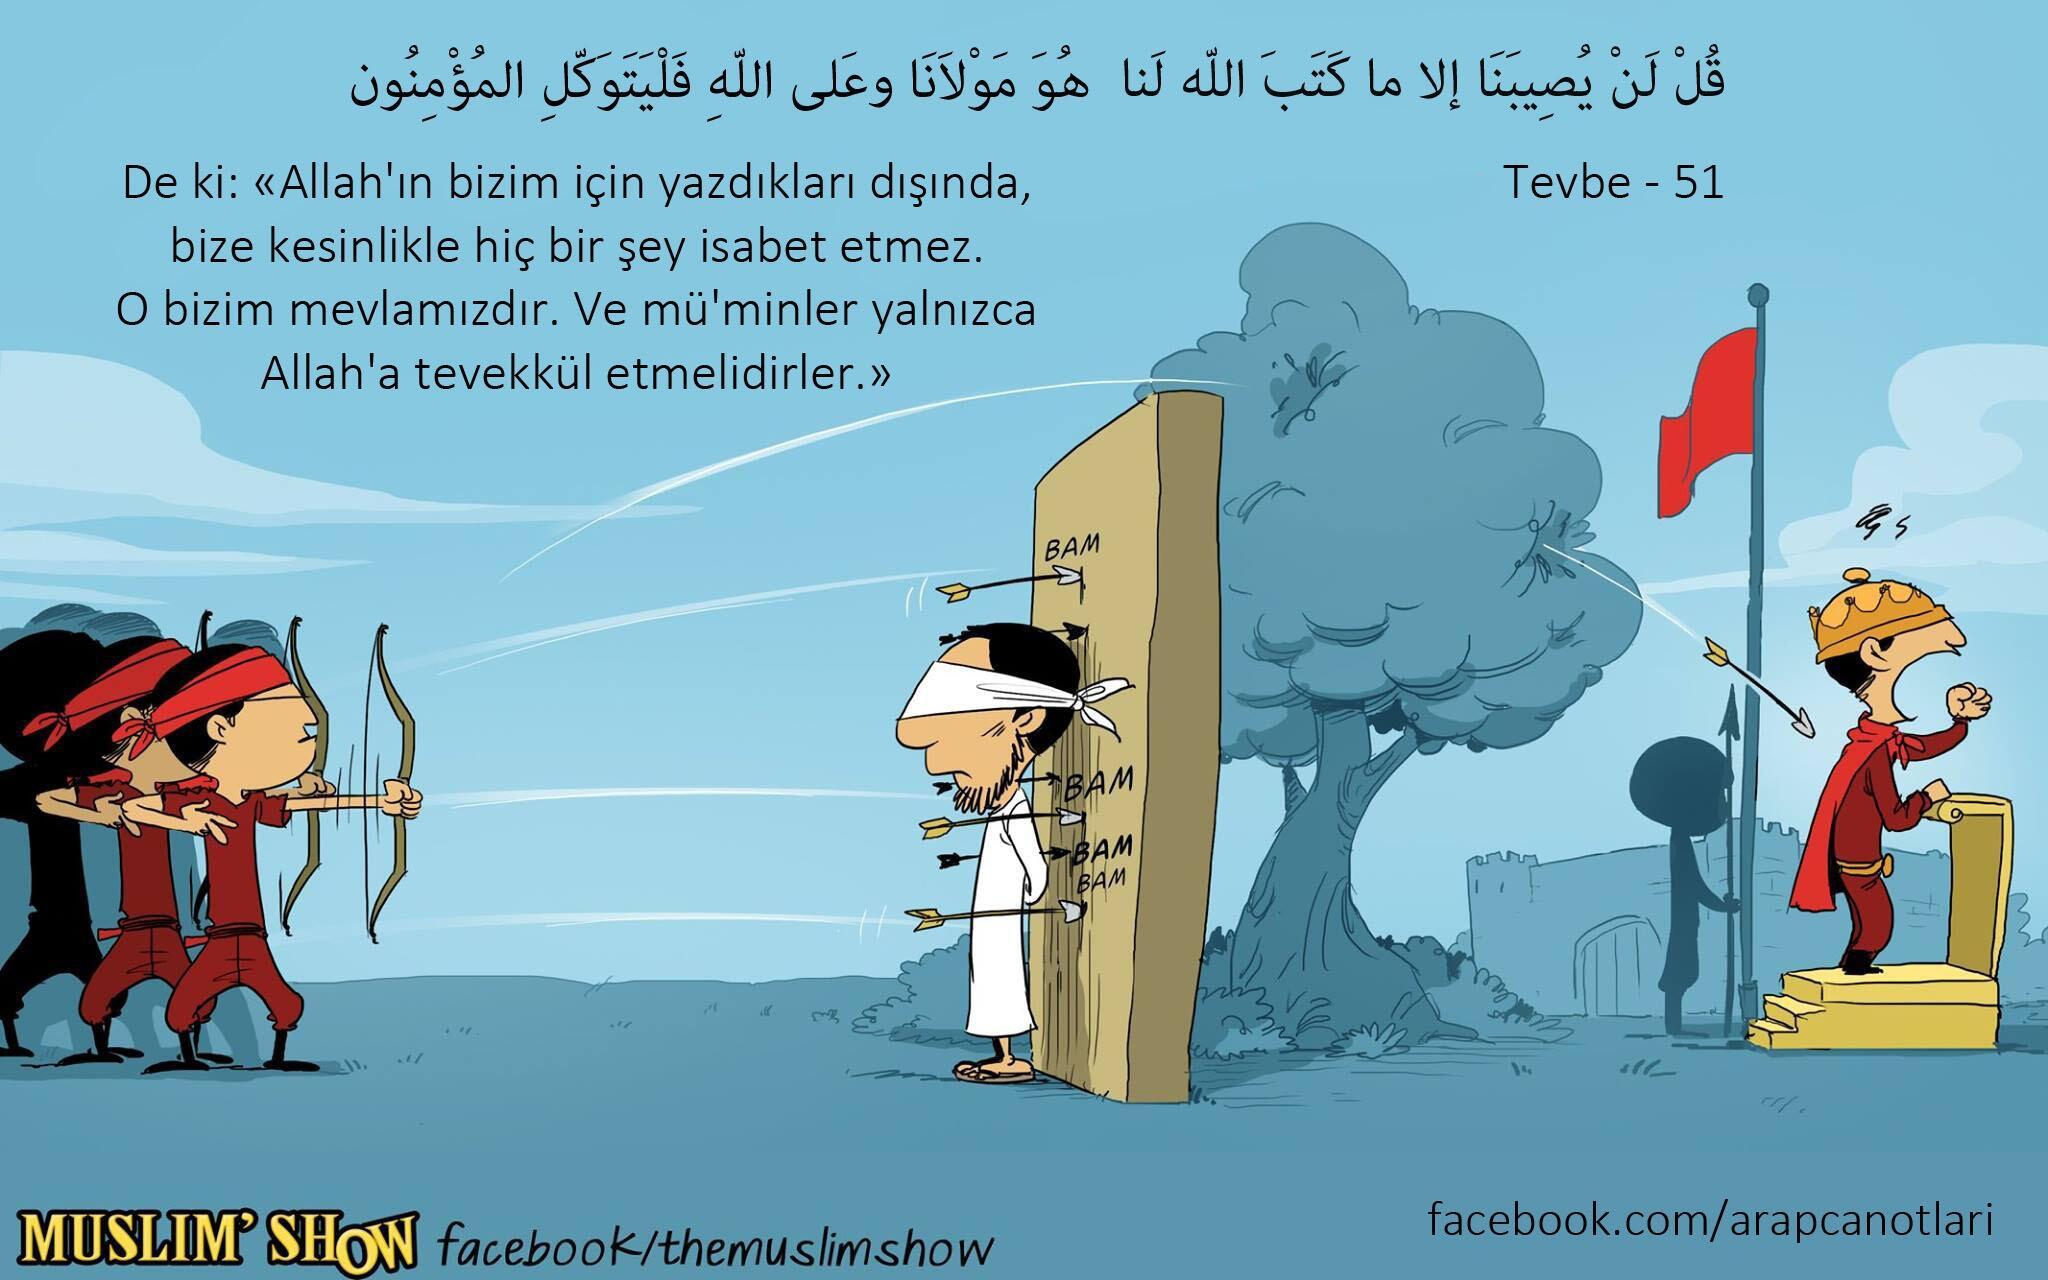 De ki: 'Bizim başımıza Allah'ın yazdığından başkası kesinlikle gelmez.'  // Tevbe - 51 http://t.co/JgAB7BQRCN